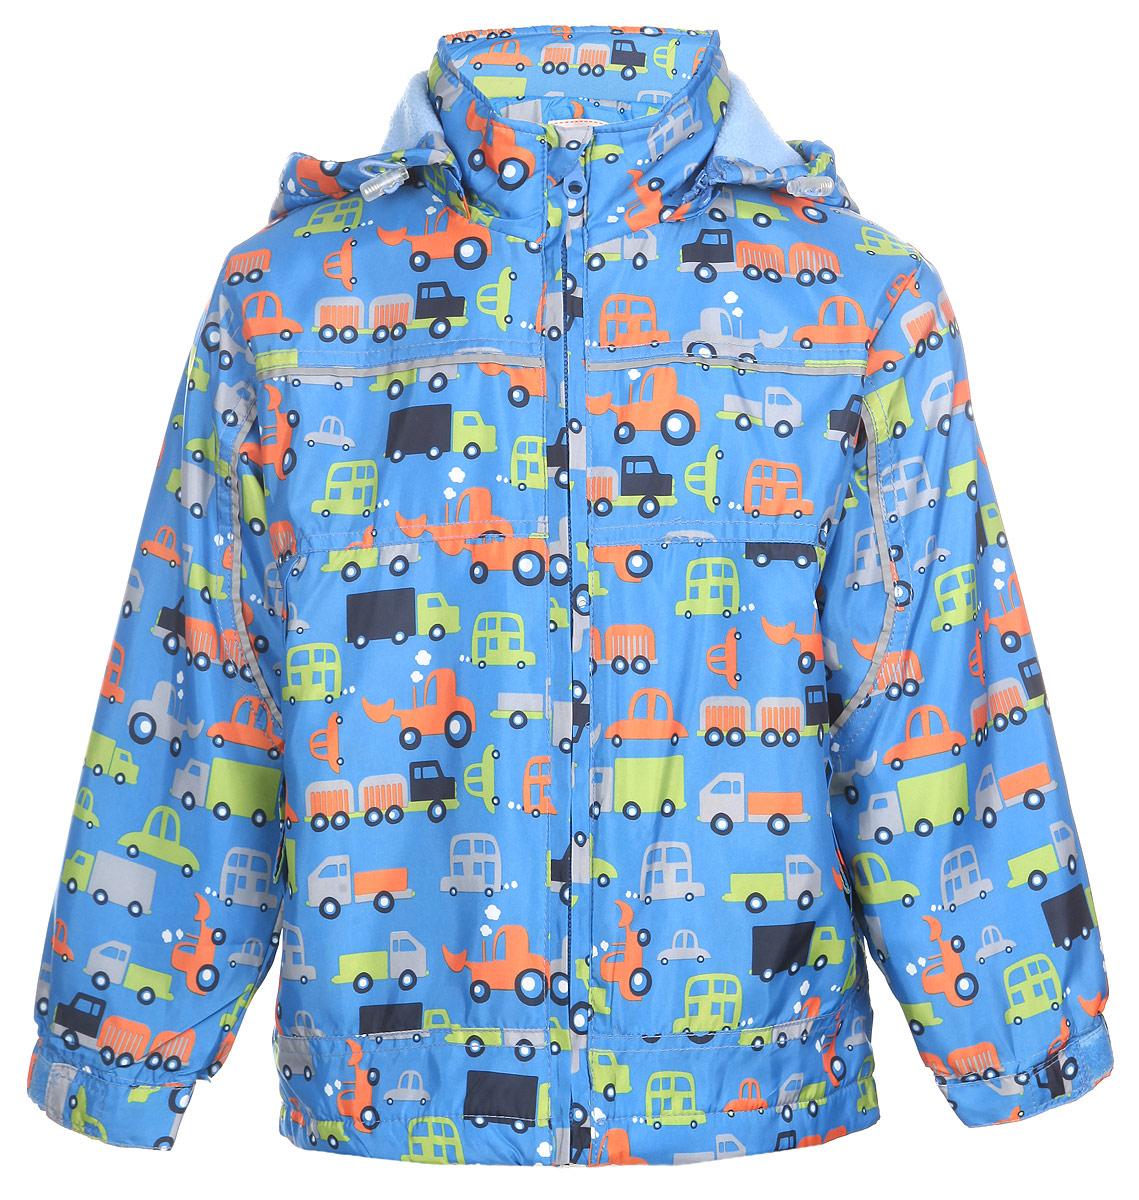 Куртка для мальчика M&D, цвет: голубой. MD111525R-10. Размер 104111525RЯркая куртка для мальчика M&D идеально подойдет для ребенка в прохладное время года. Она выполнена из полиэстера и дополнена мягкой и теплой флисовой подкладкой.Куртка с воротником-стойкой застегивается на удобную застежку-молнию. Съемный капюшон фиксируется при помощи молнии, его объем регулируется при помощи эластичного шнурка со стопперами. Рукава оснащены широкими эластичными резинками, не стягивающими запястья, и хлястиками на липучках. Низ модели дополнен скрытым эластичным шнурком со стопперами. По бокам курточка дополнена двумя втачными кармашками на застежках-молниях. Изделие оформлено красочным принтом с изображением автомобилей и дополнена светоотражающими полосками. В такой куртке ваш маленький мужчина будет чувствовать себя комфортно, уютно и всегда будет в центре внимания!